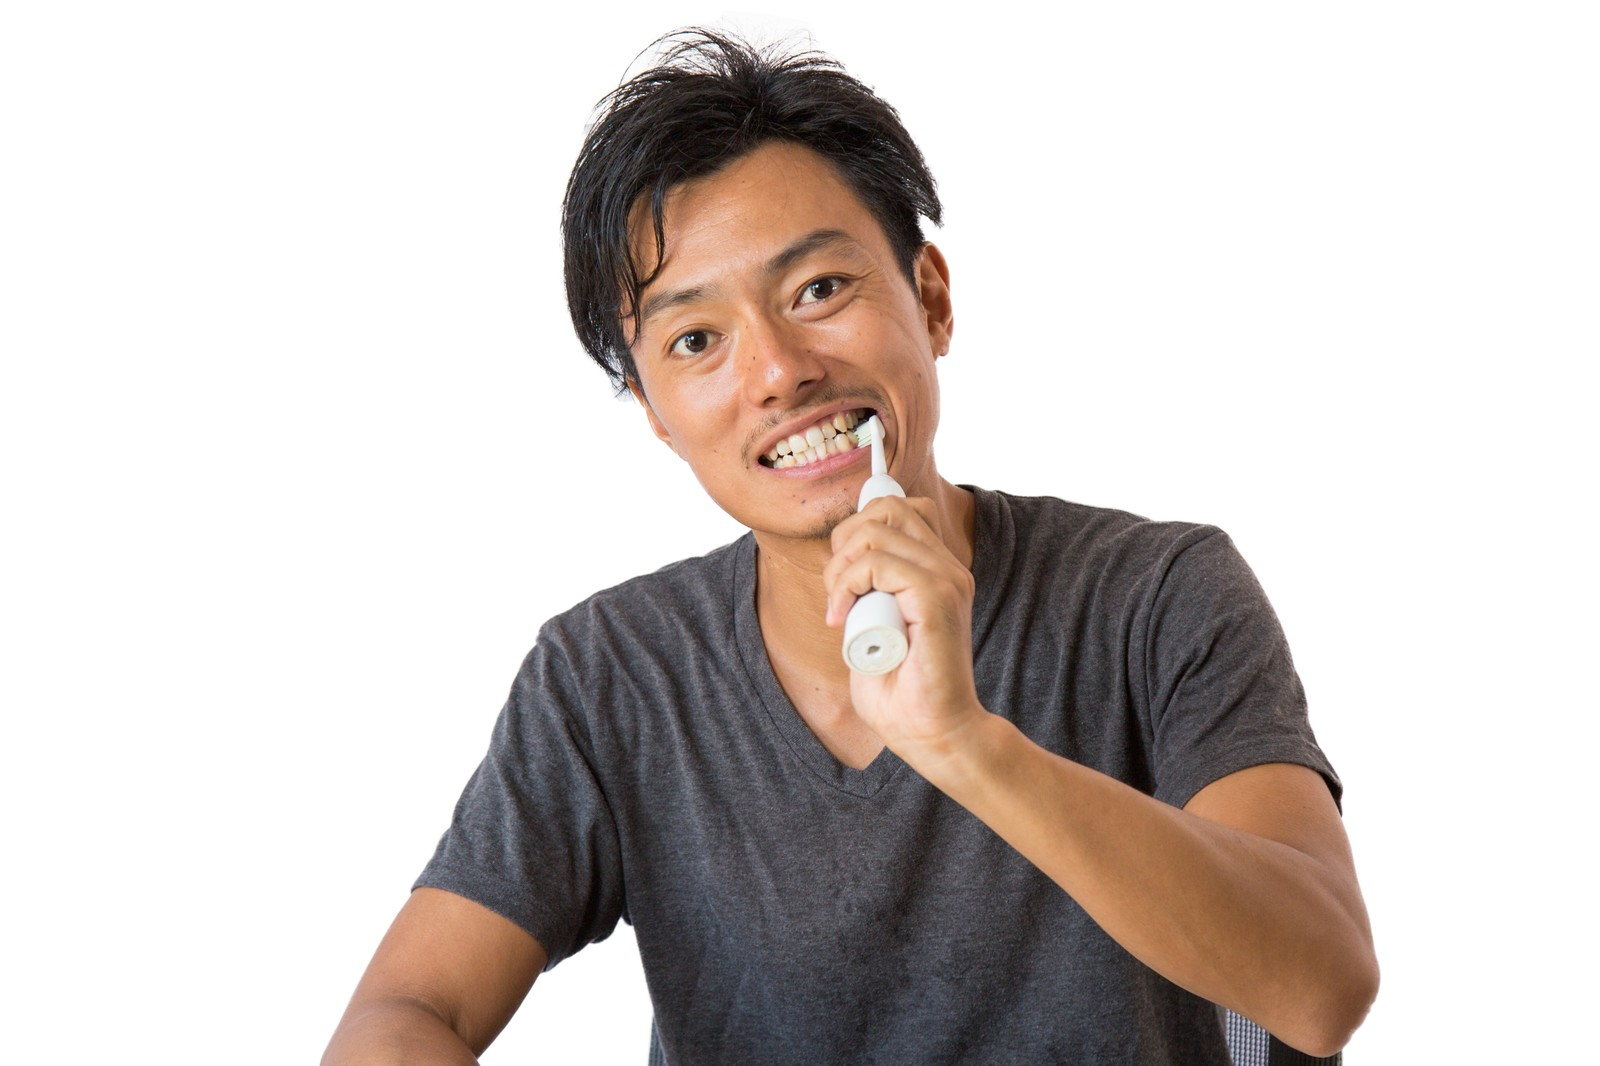 電動歯ブラシで歯を磨く男性